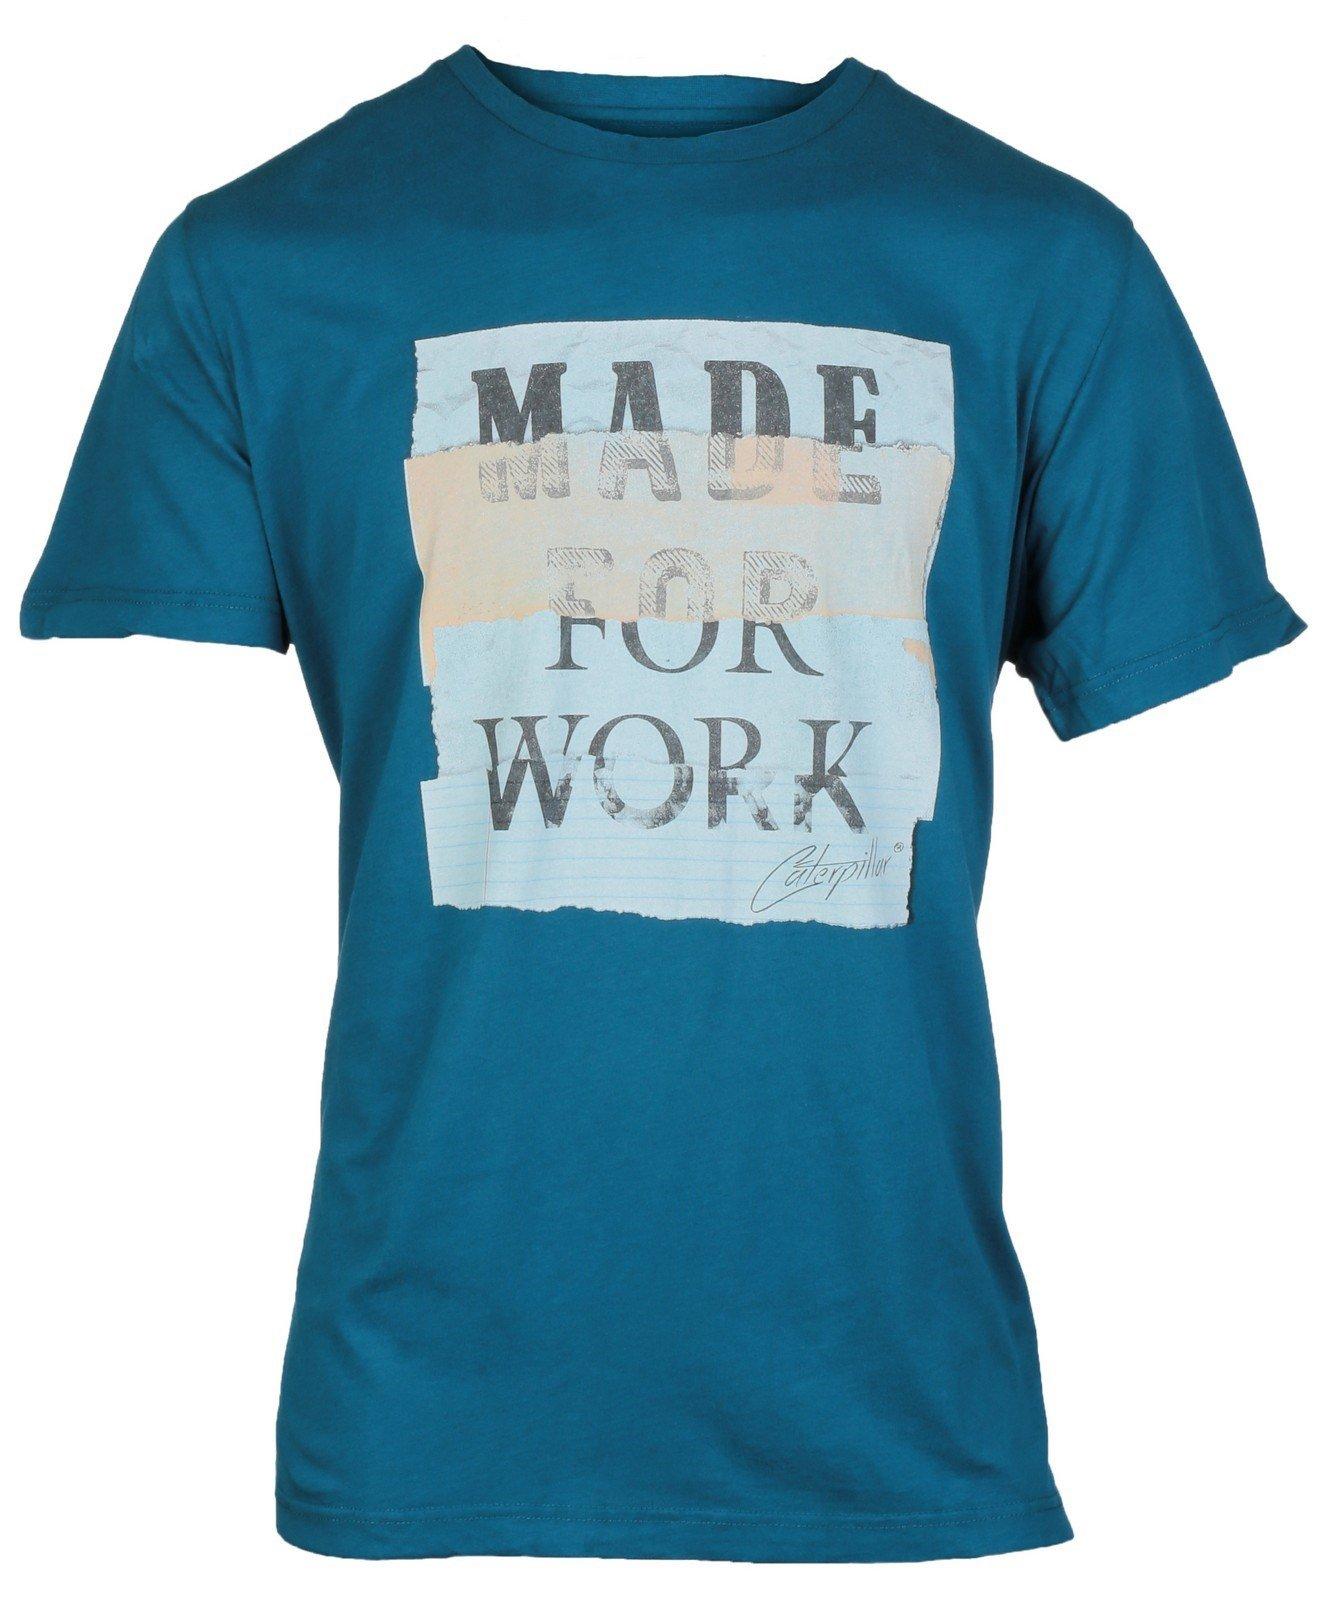 CAT Lifestyle Unisex Tabloid T-Shirt Blue 24693 - Blue Med